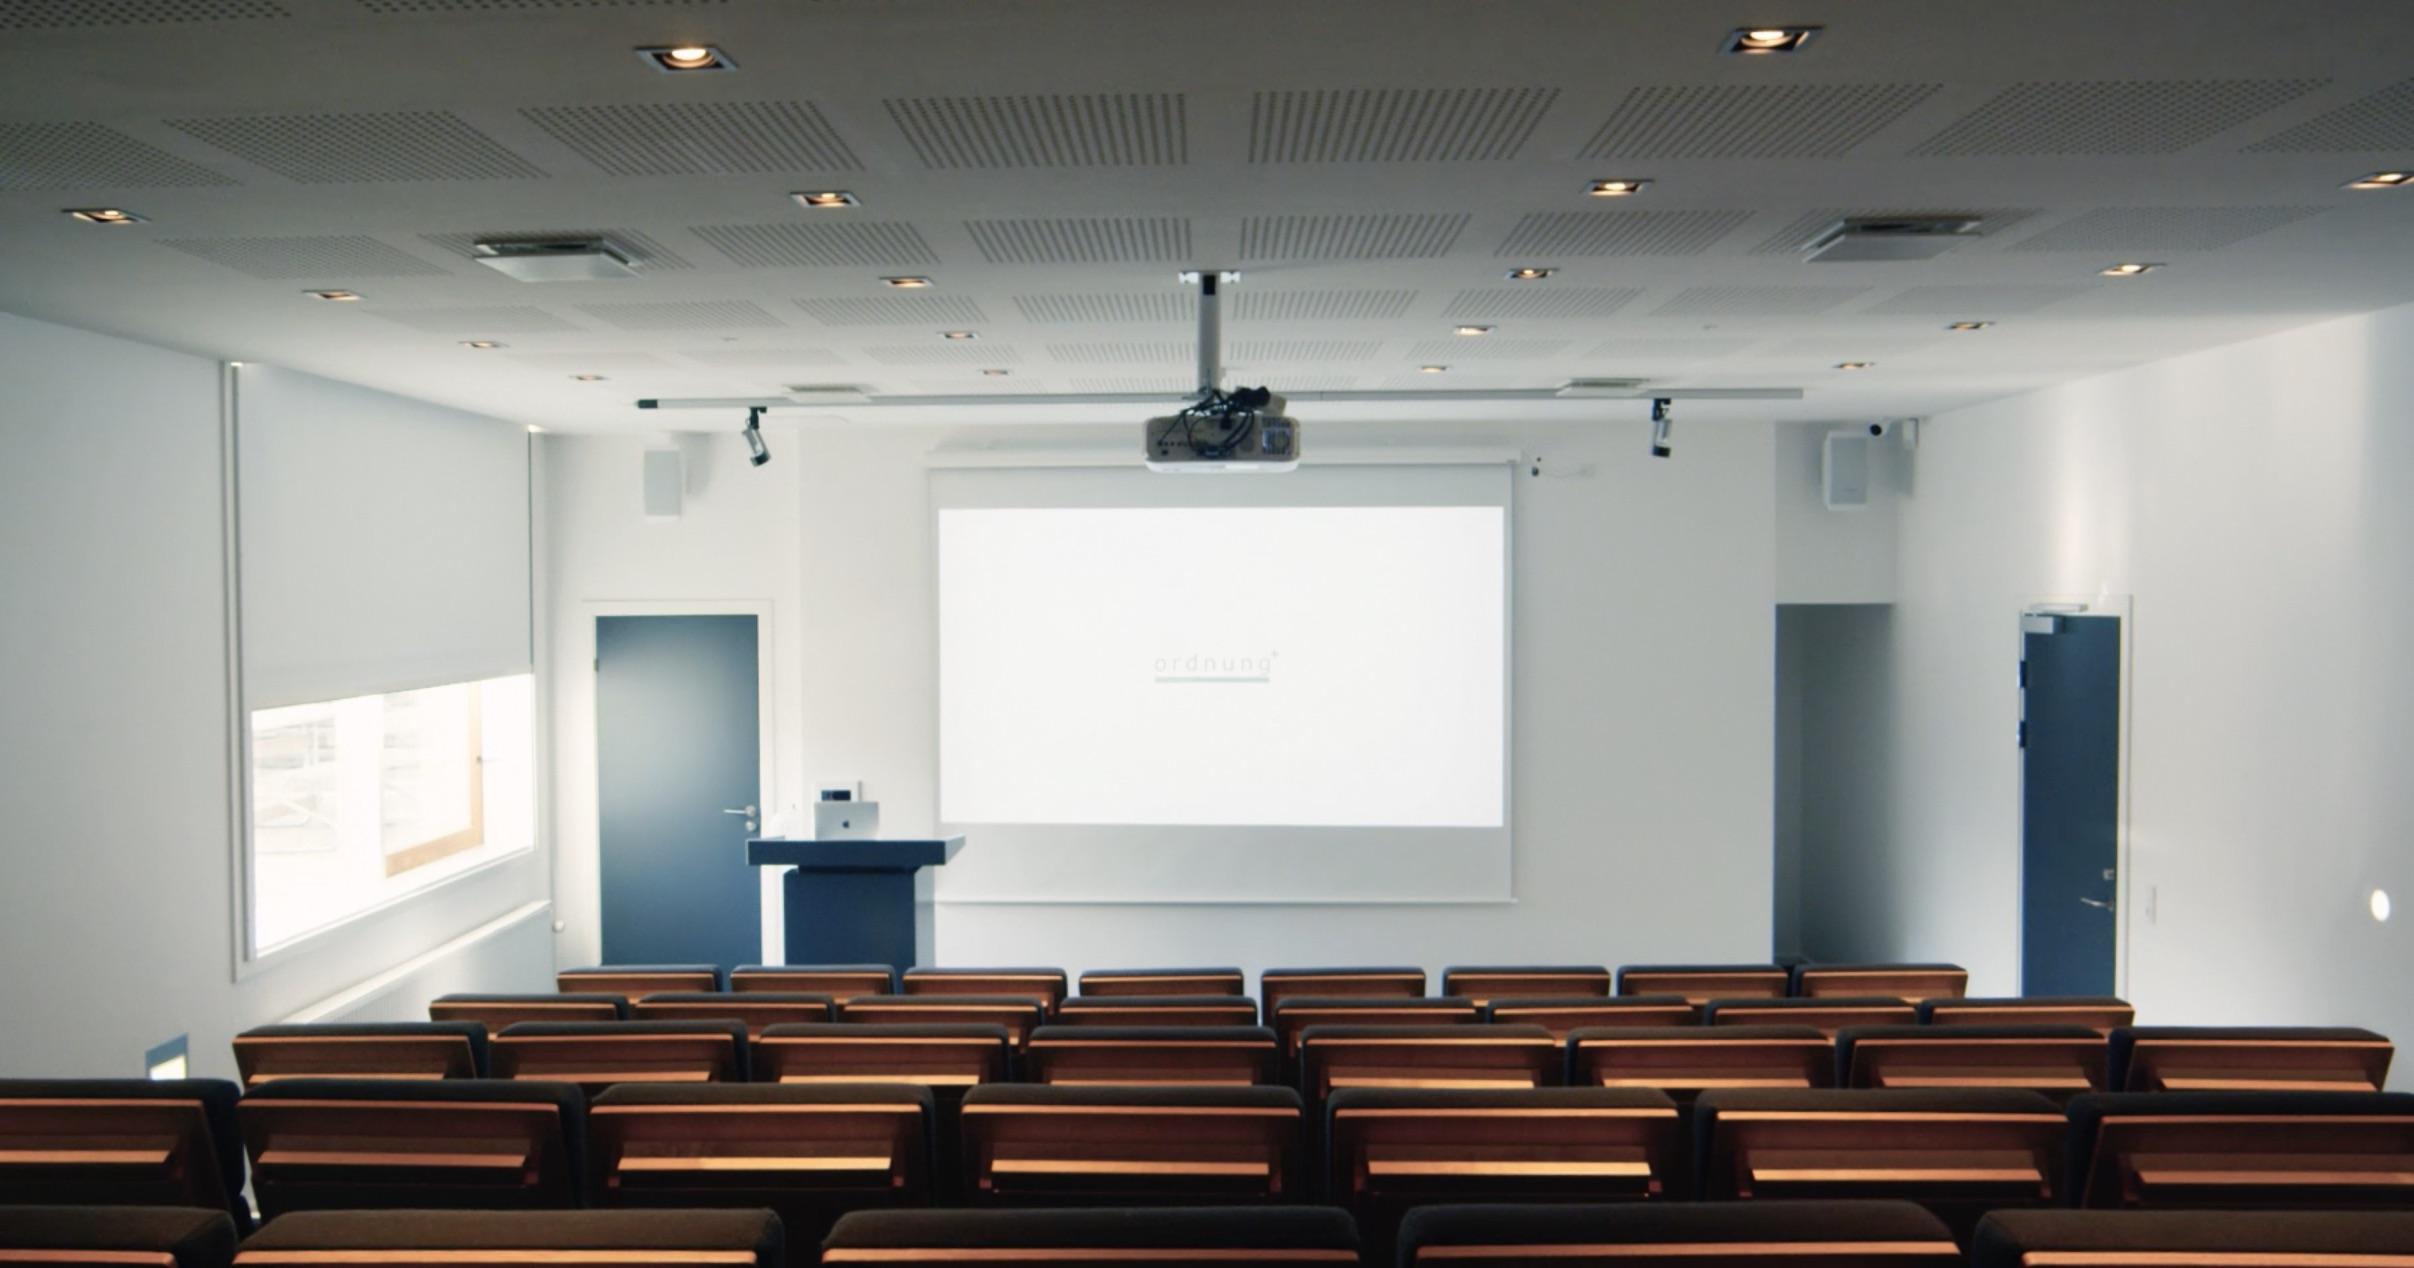 Auditorium set i retning fra stolene mod lærredet